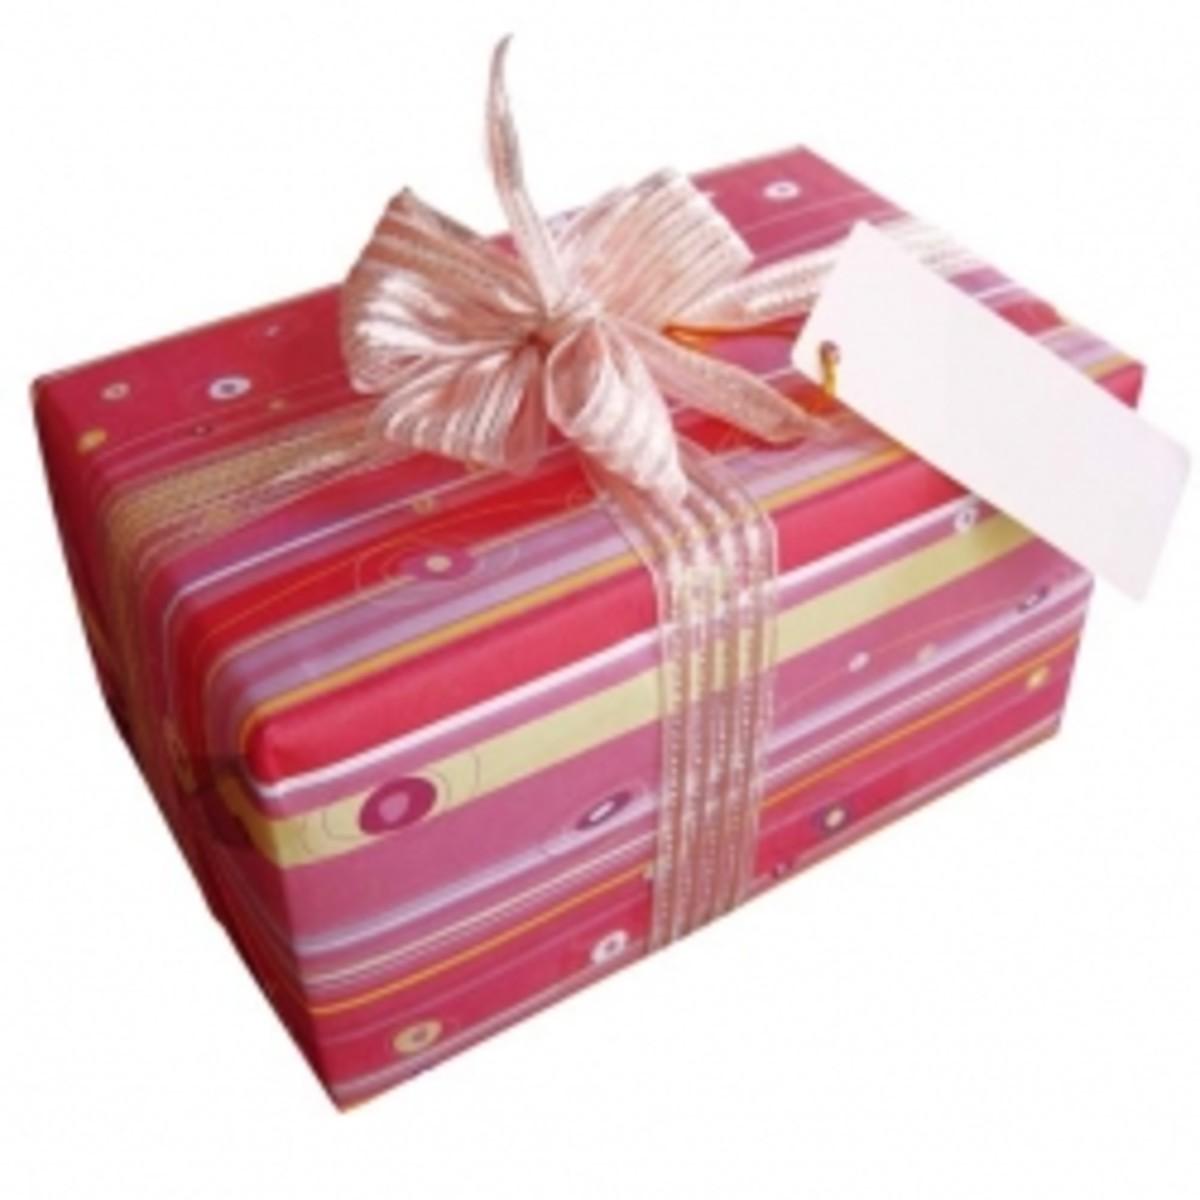 Gifts for Homeless Children